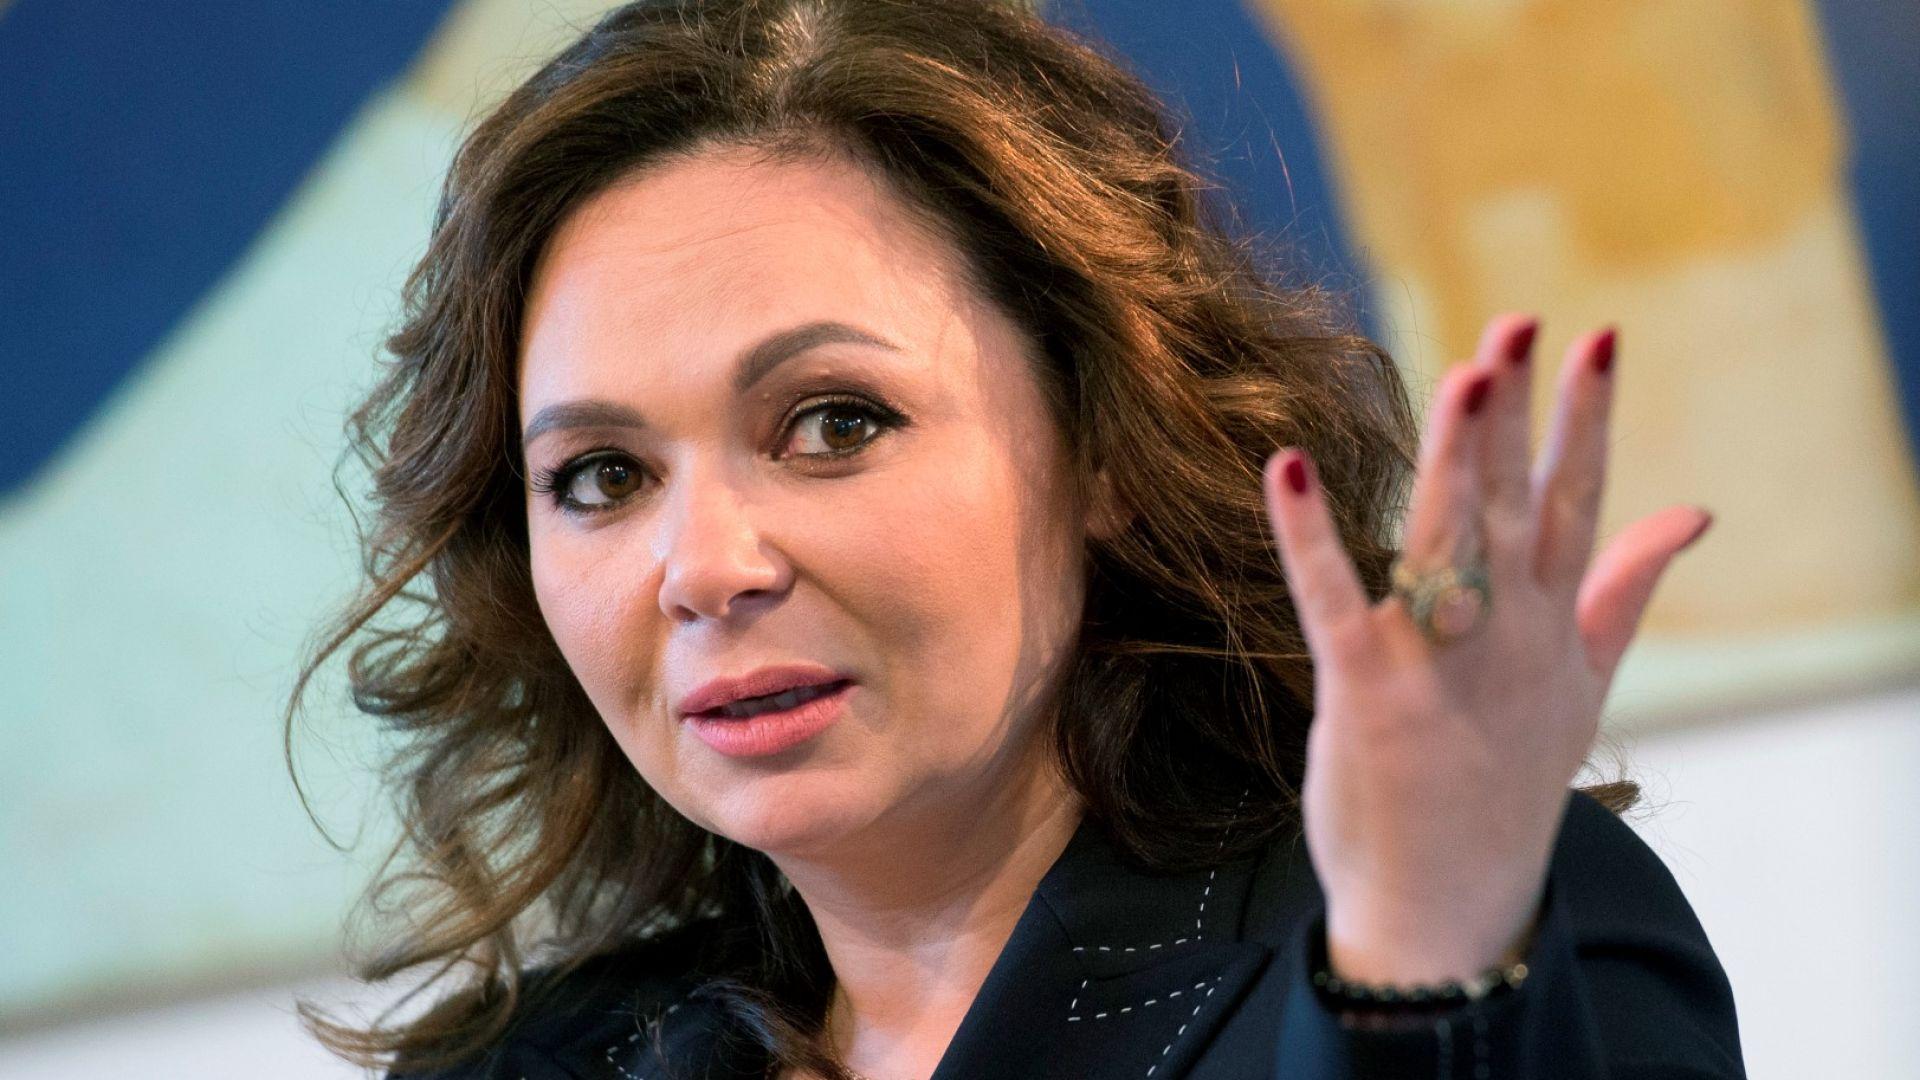 САЩ обвини руска юристка, свързана с Тръмп, за възпрепятстване на правосъдието